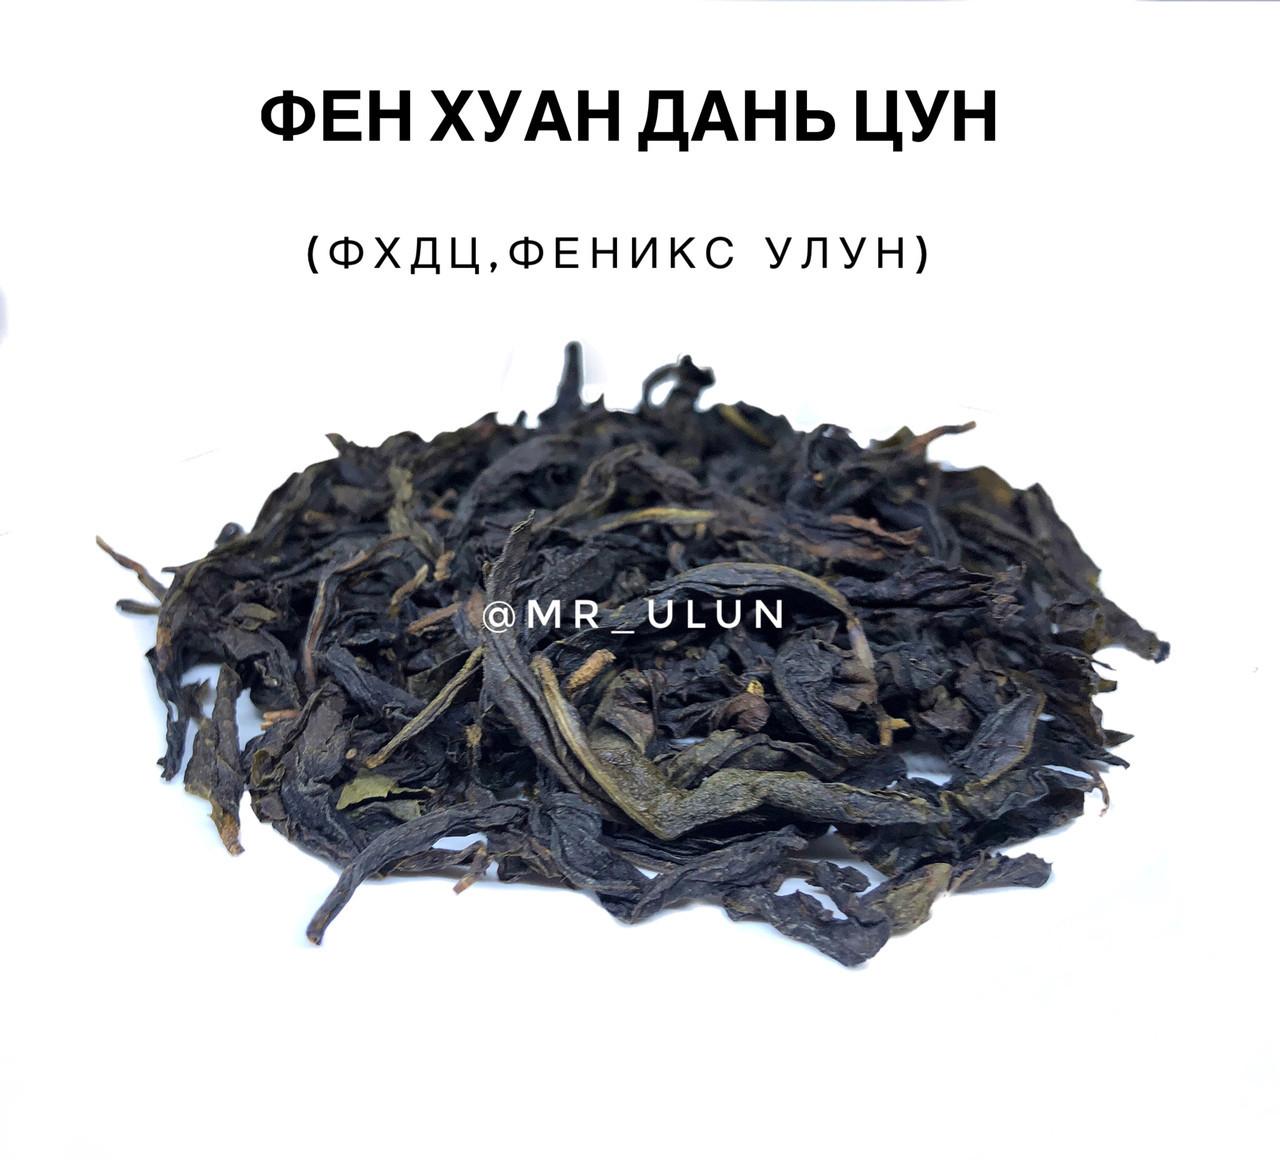 Тёмный улун Фен Хуан Дань Цун (ФХДЦ, Феникс улун) 50 г